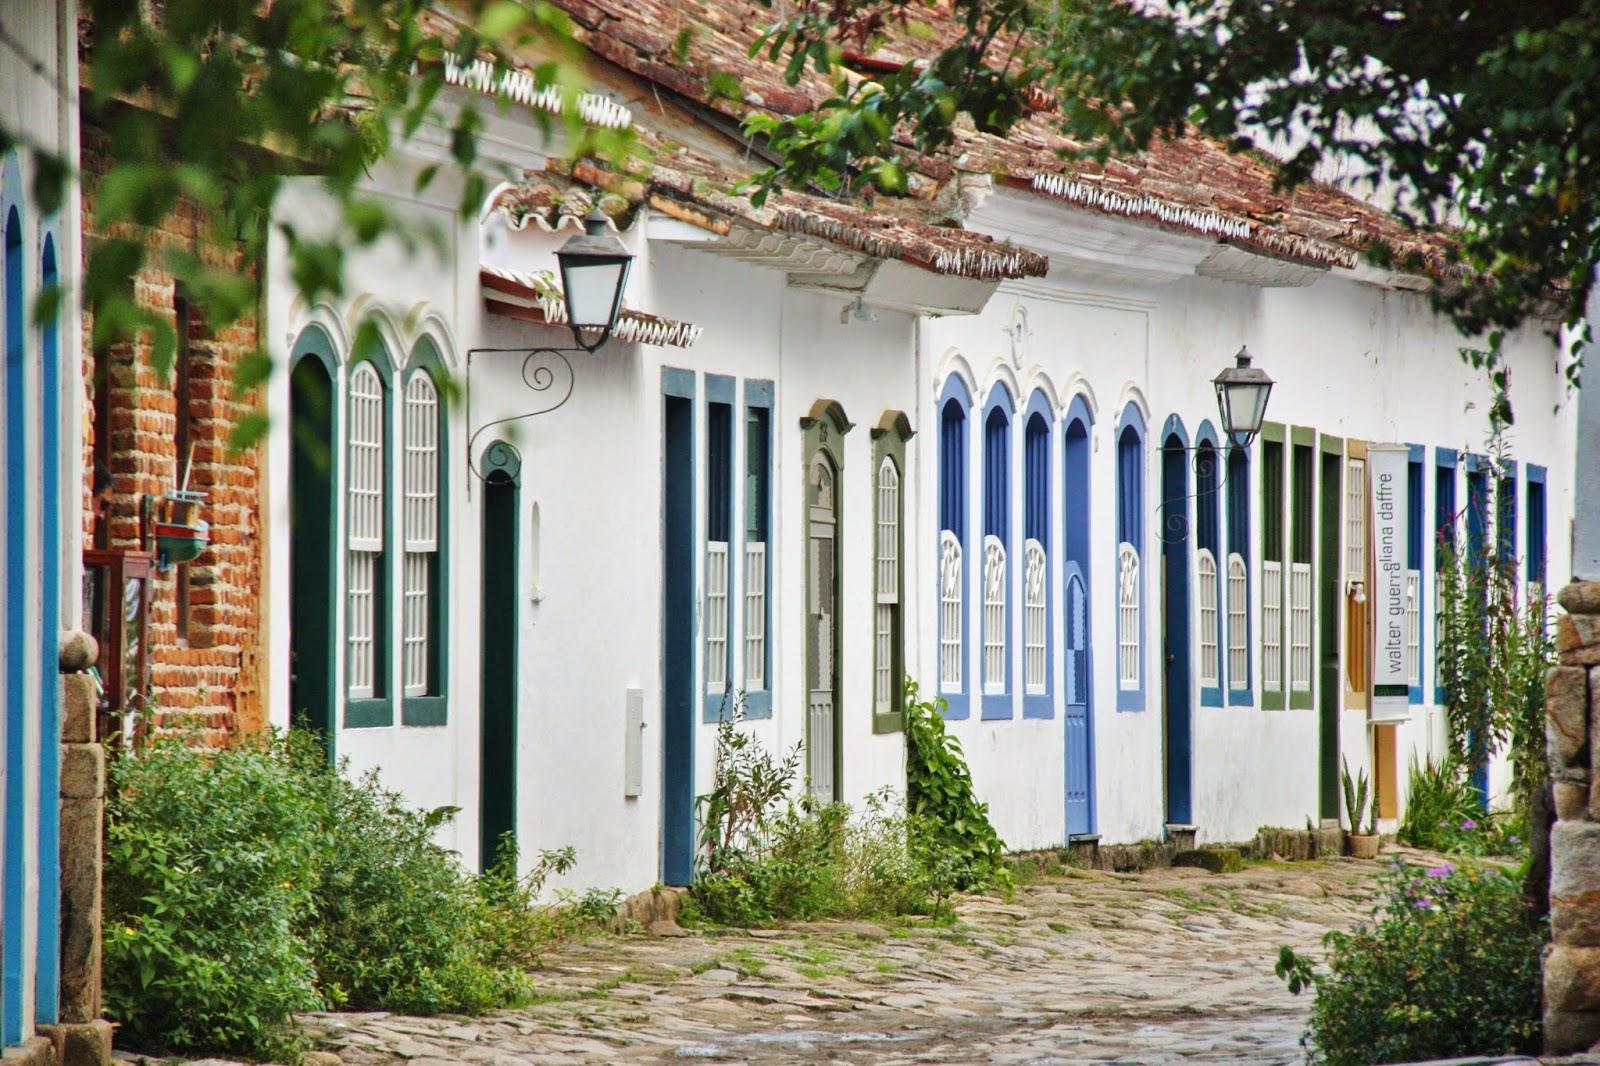 Arquitetura colonial do centro histórico de Paraty.